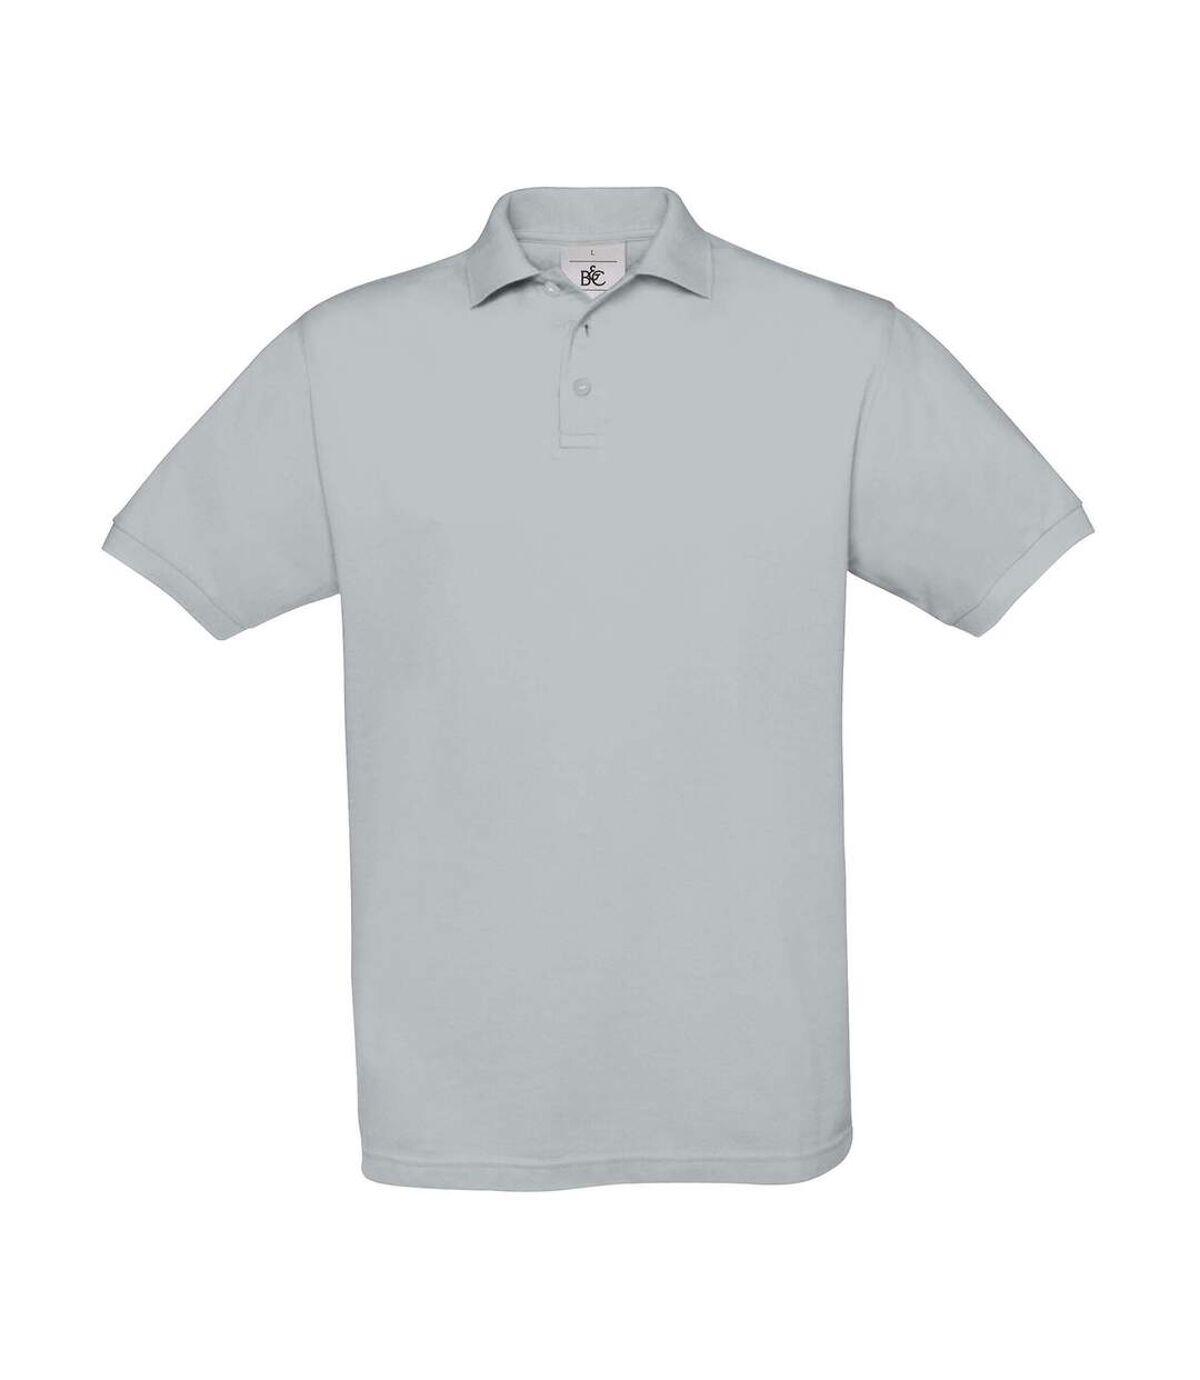 Polo manches courtes - homme - PU409 - gris pacifique